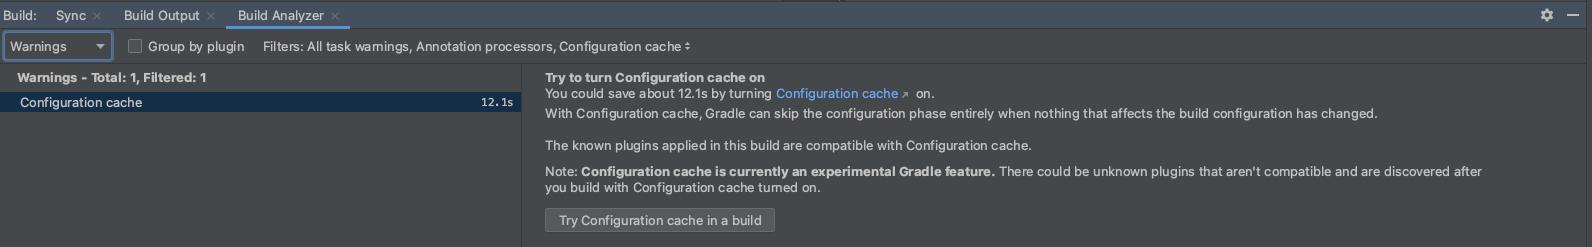 Información sobre la caché de configuración en BuildAnalyzer